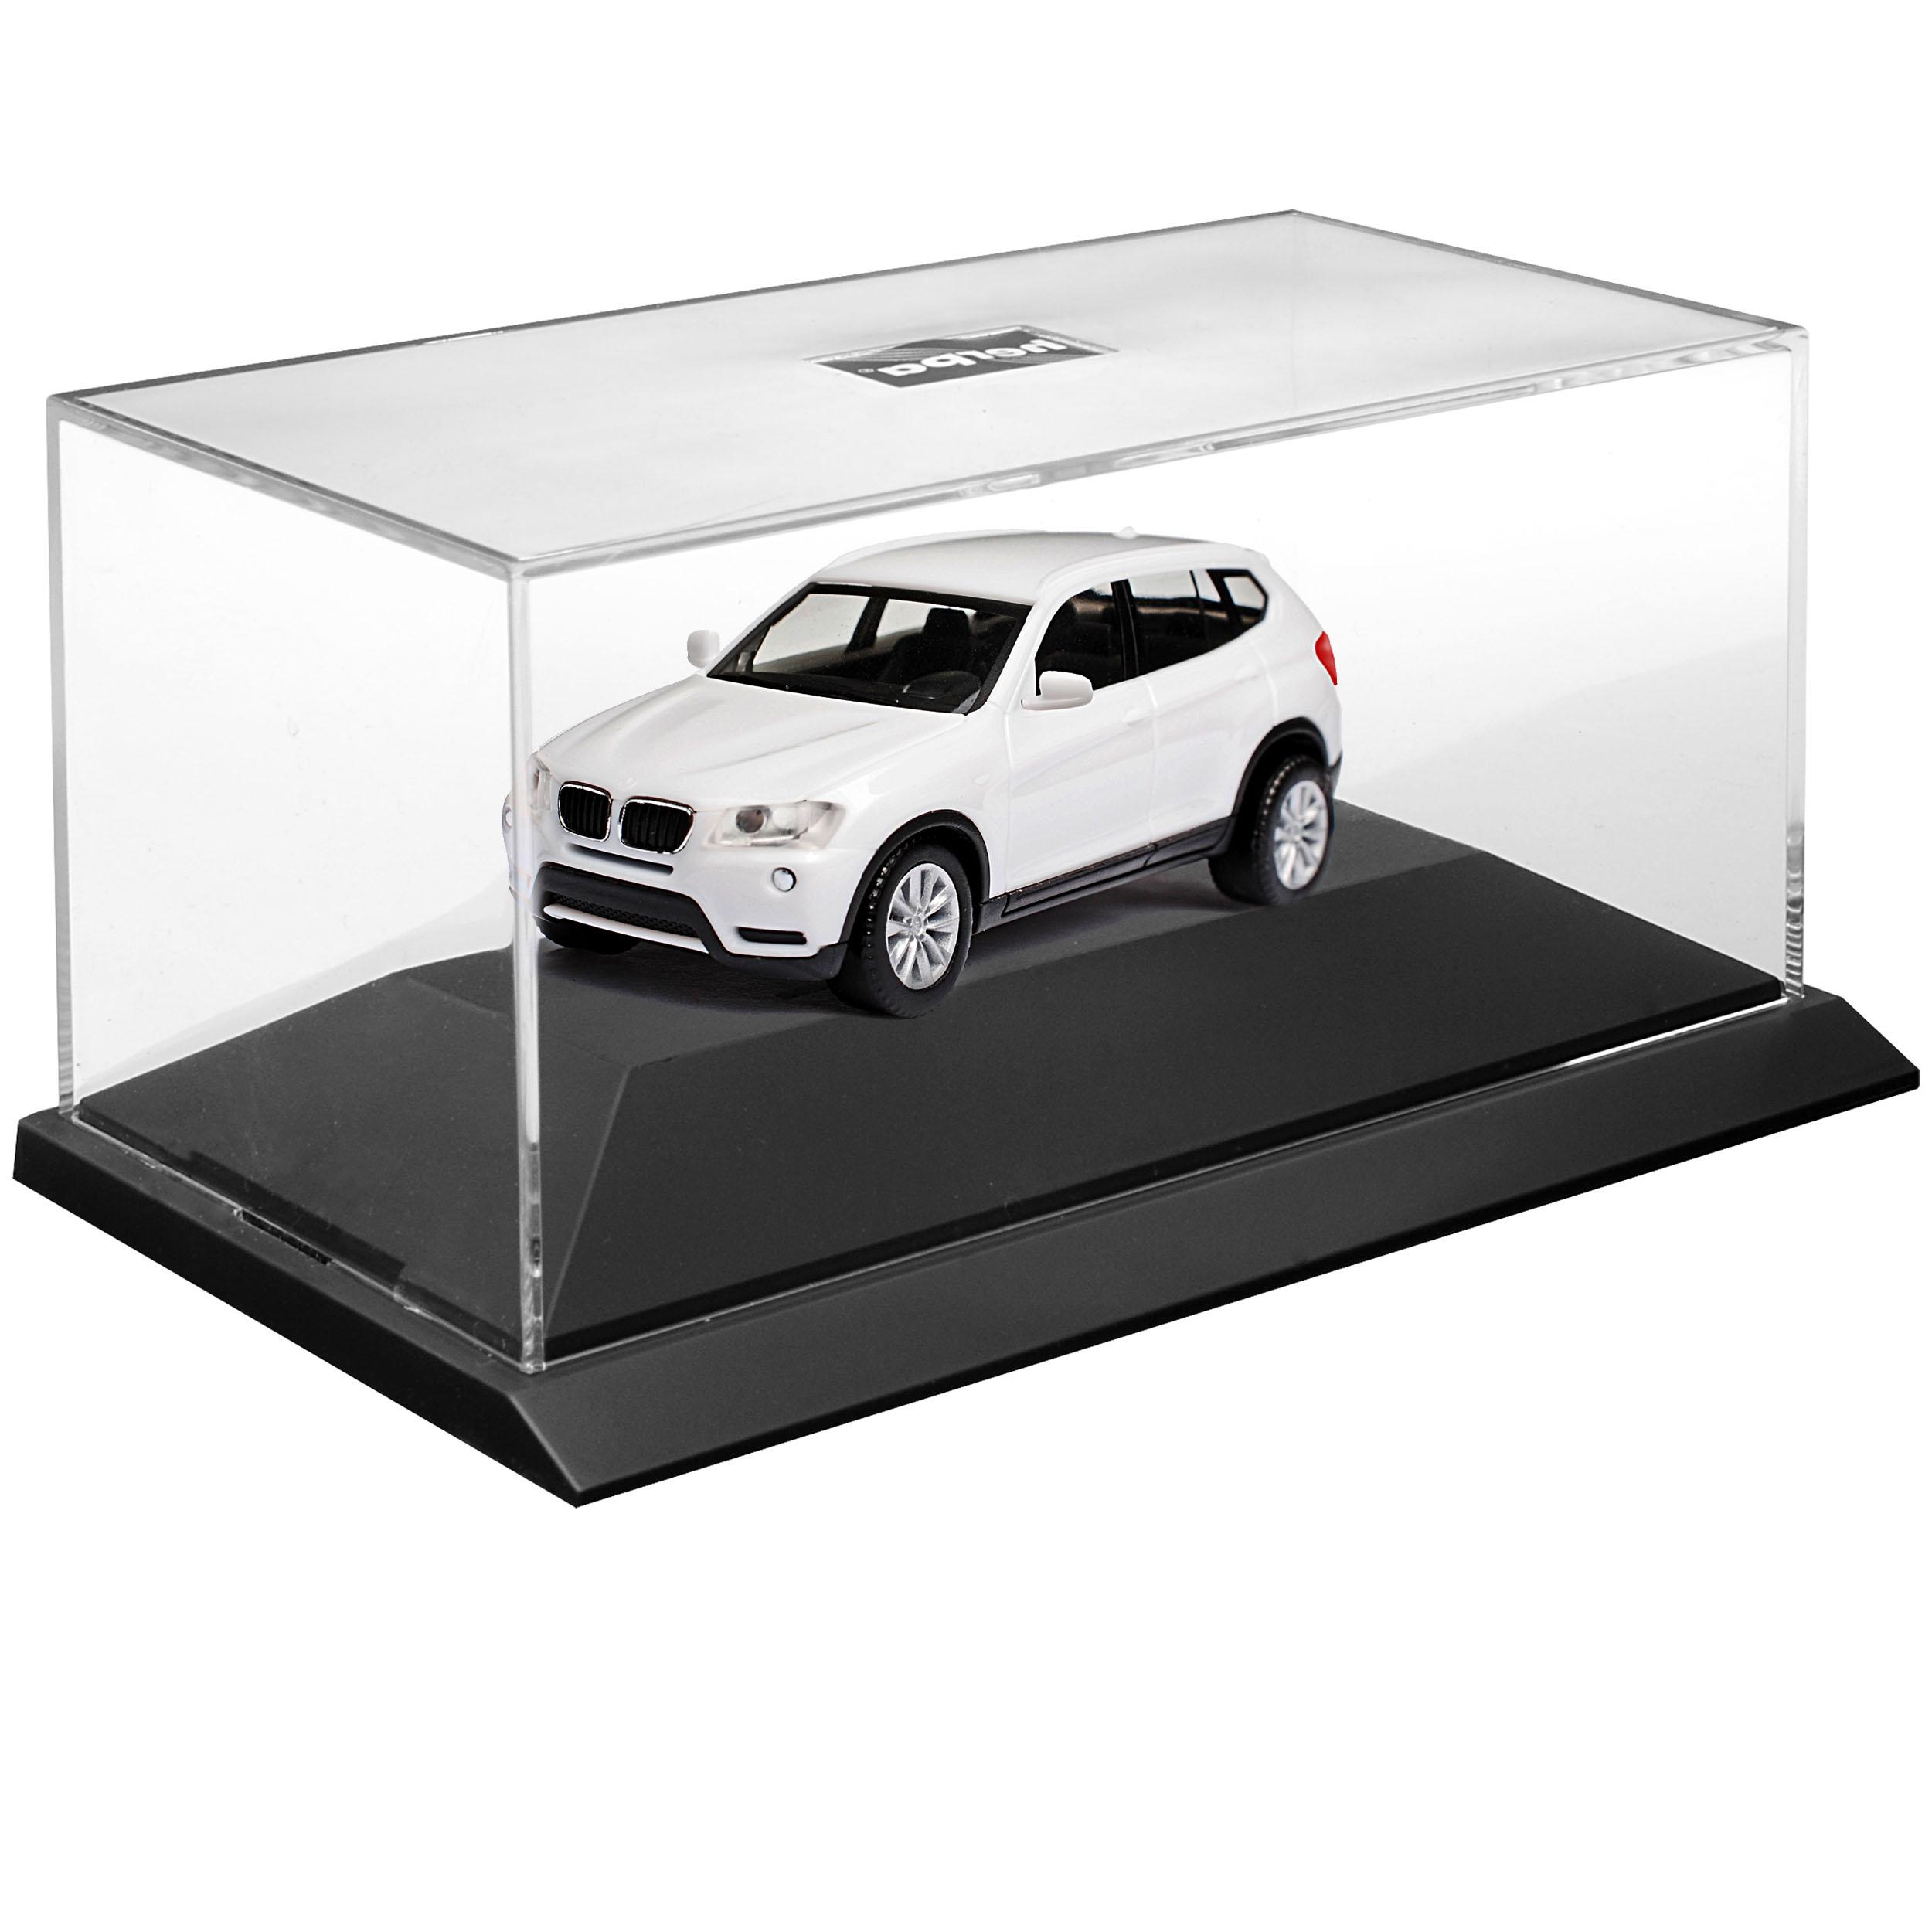 BMW X3 F25 Weiss SUV 2 Generation 2010-2017 Kit Bausatz mit Sockel und Vitrin..